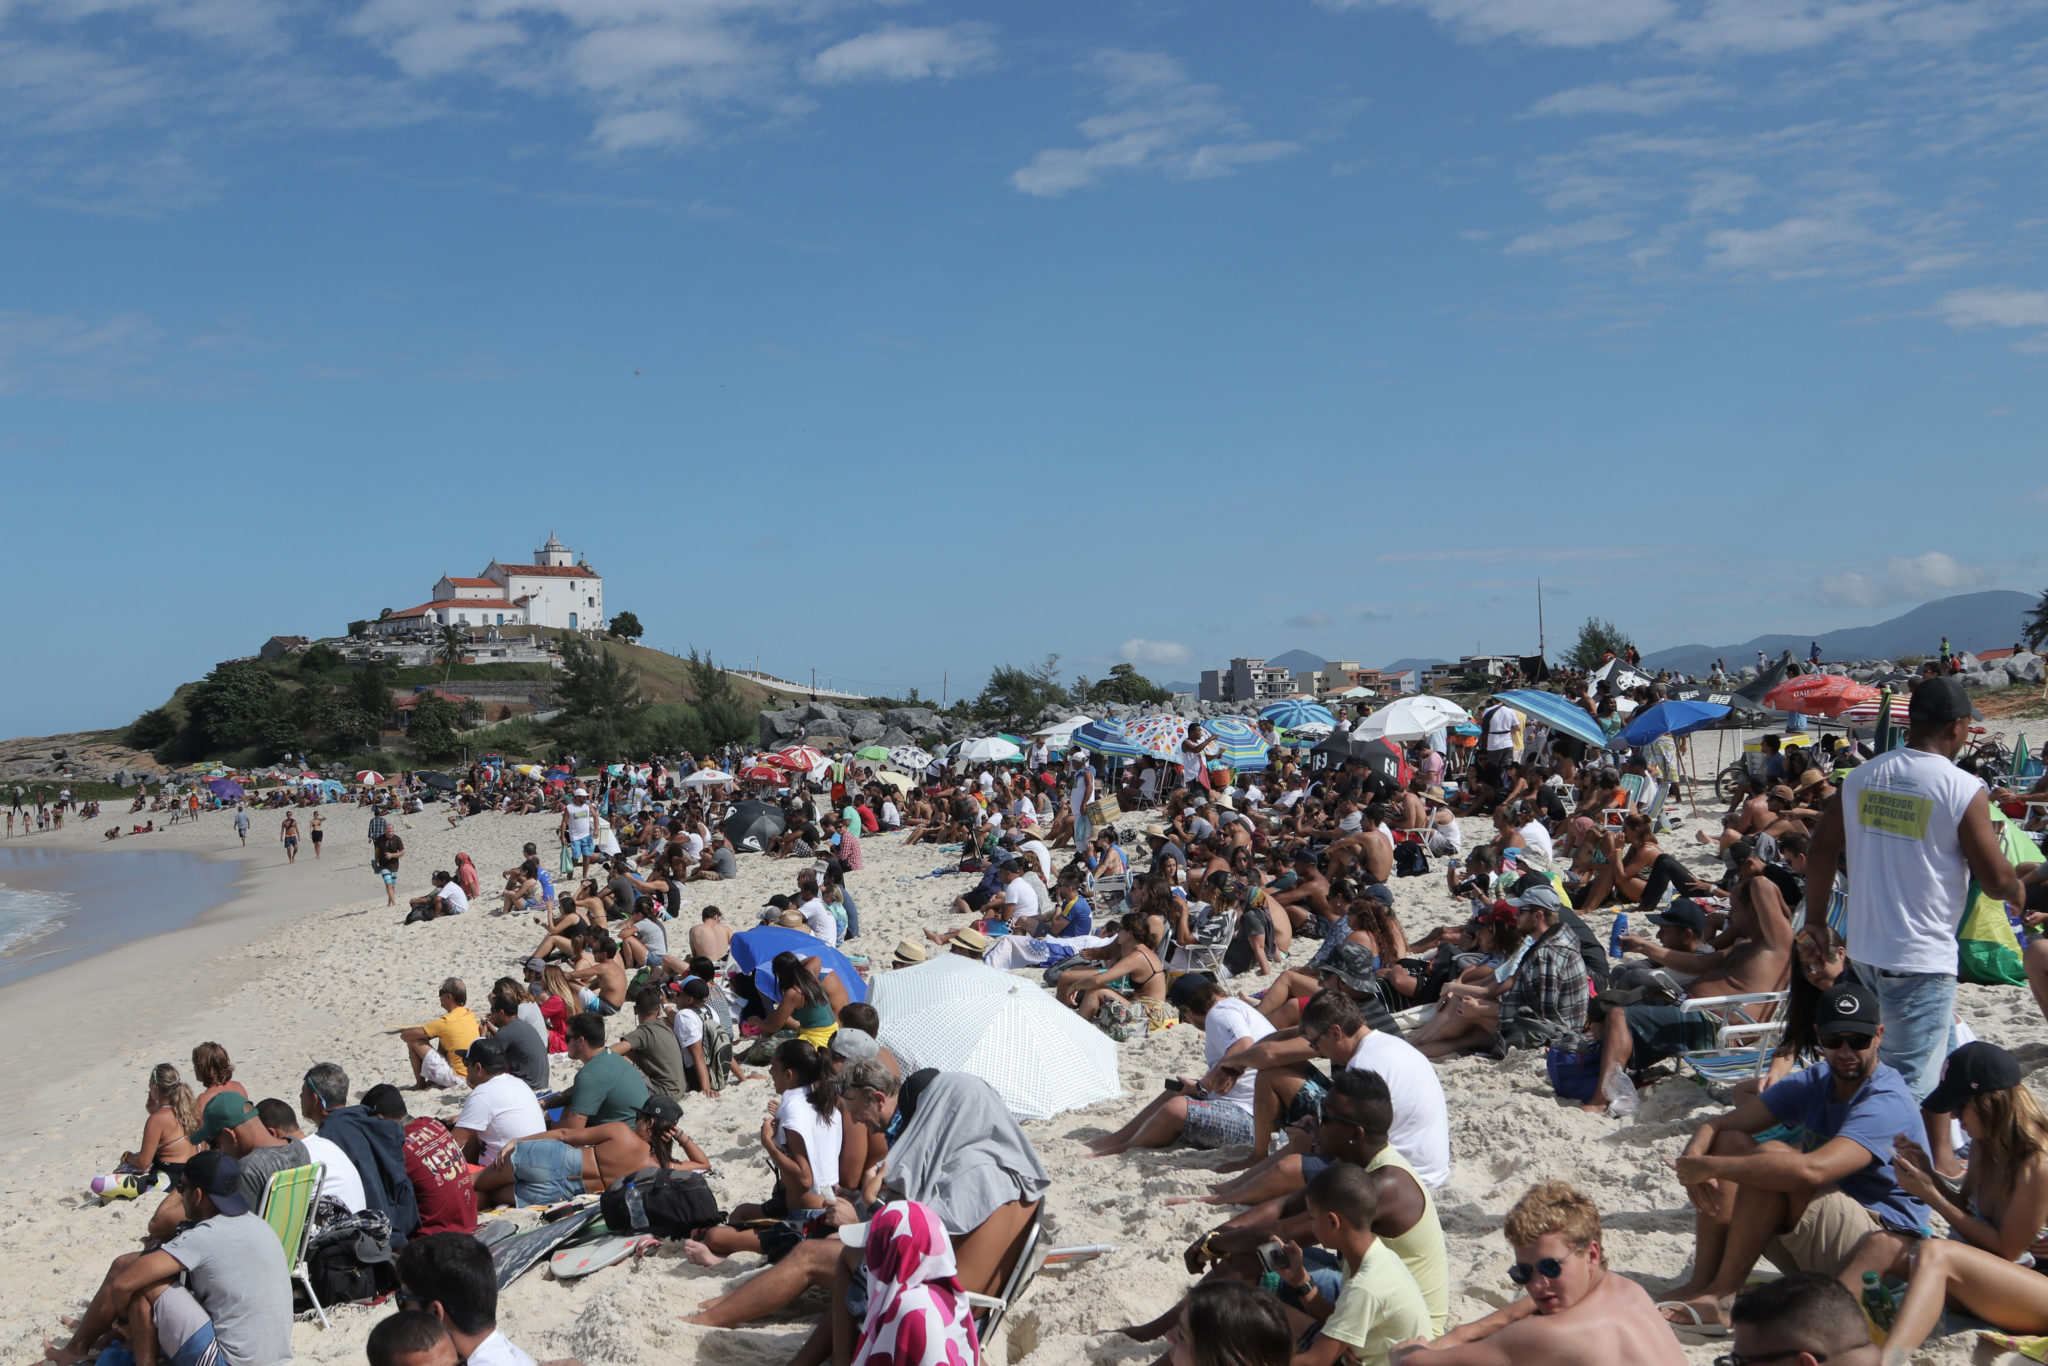 Crowd at the Barrinha Beach at the Oi Rio Pro in Saquarema, Rio de Janeiro, BRA.